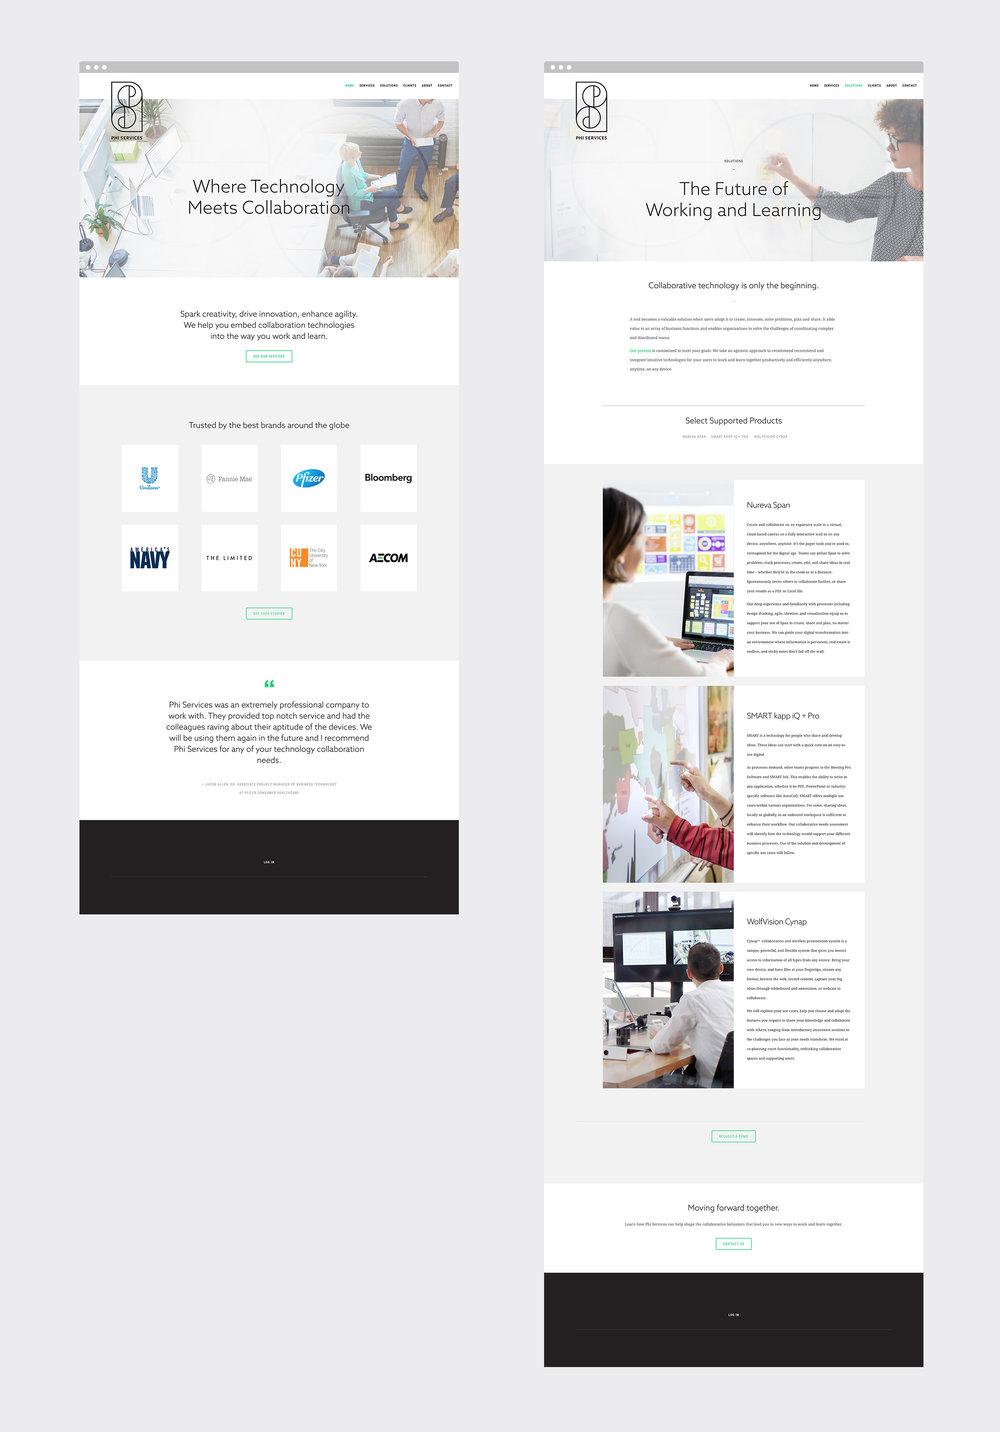 ps_solutionshome_frame.jpg